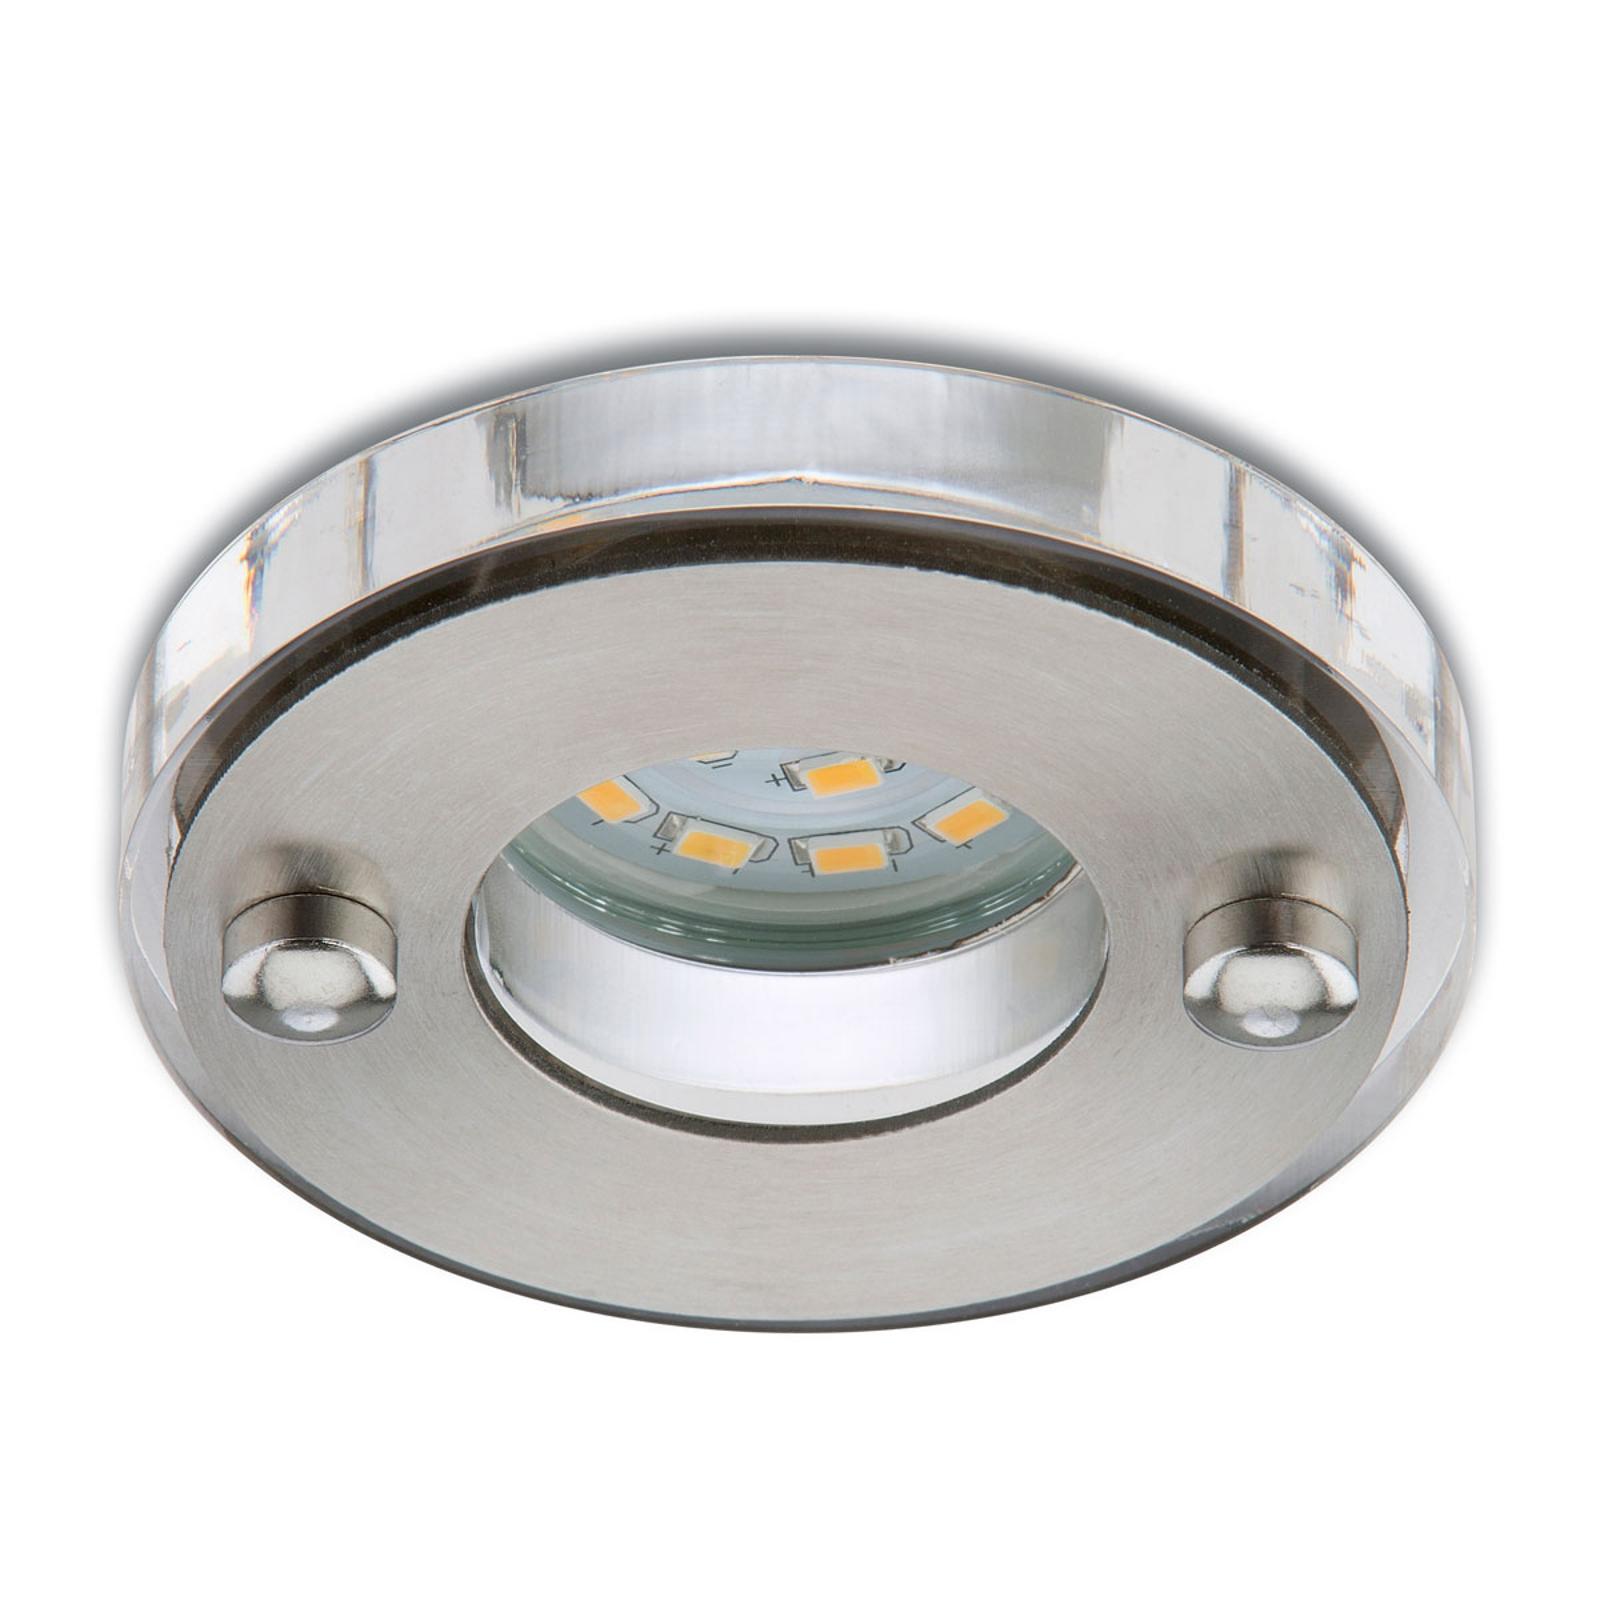 Zapustené LED Nikas IP23 matnej niklovej farby_1510269_1